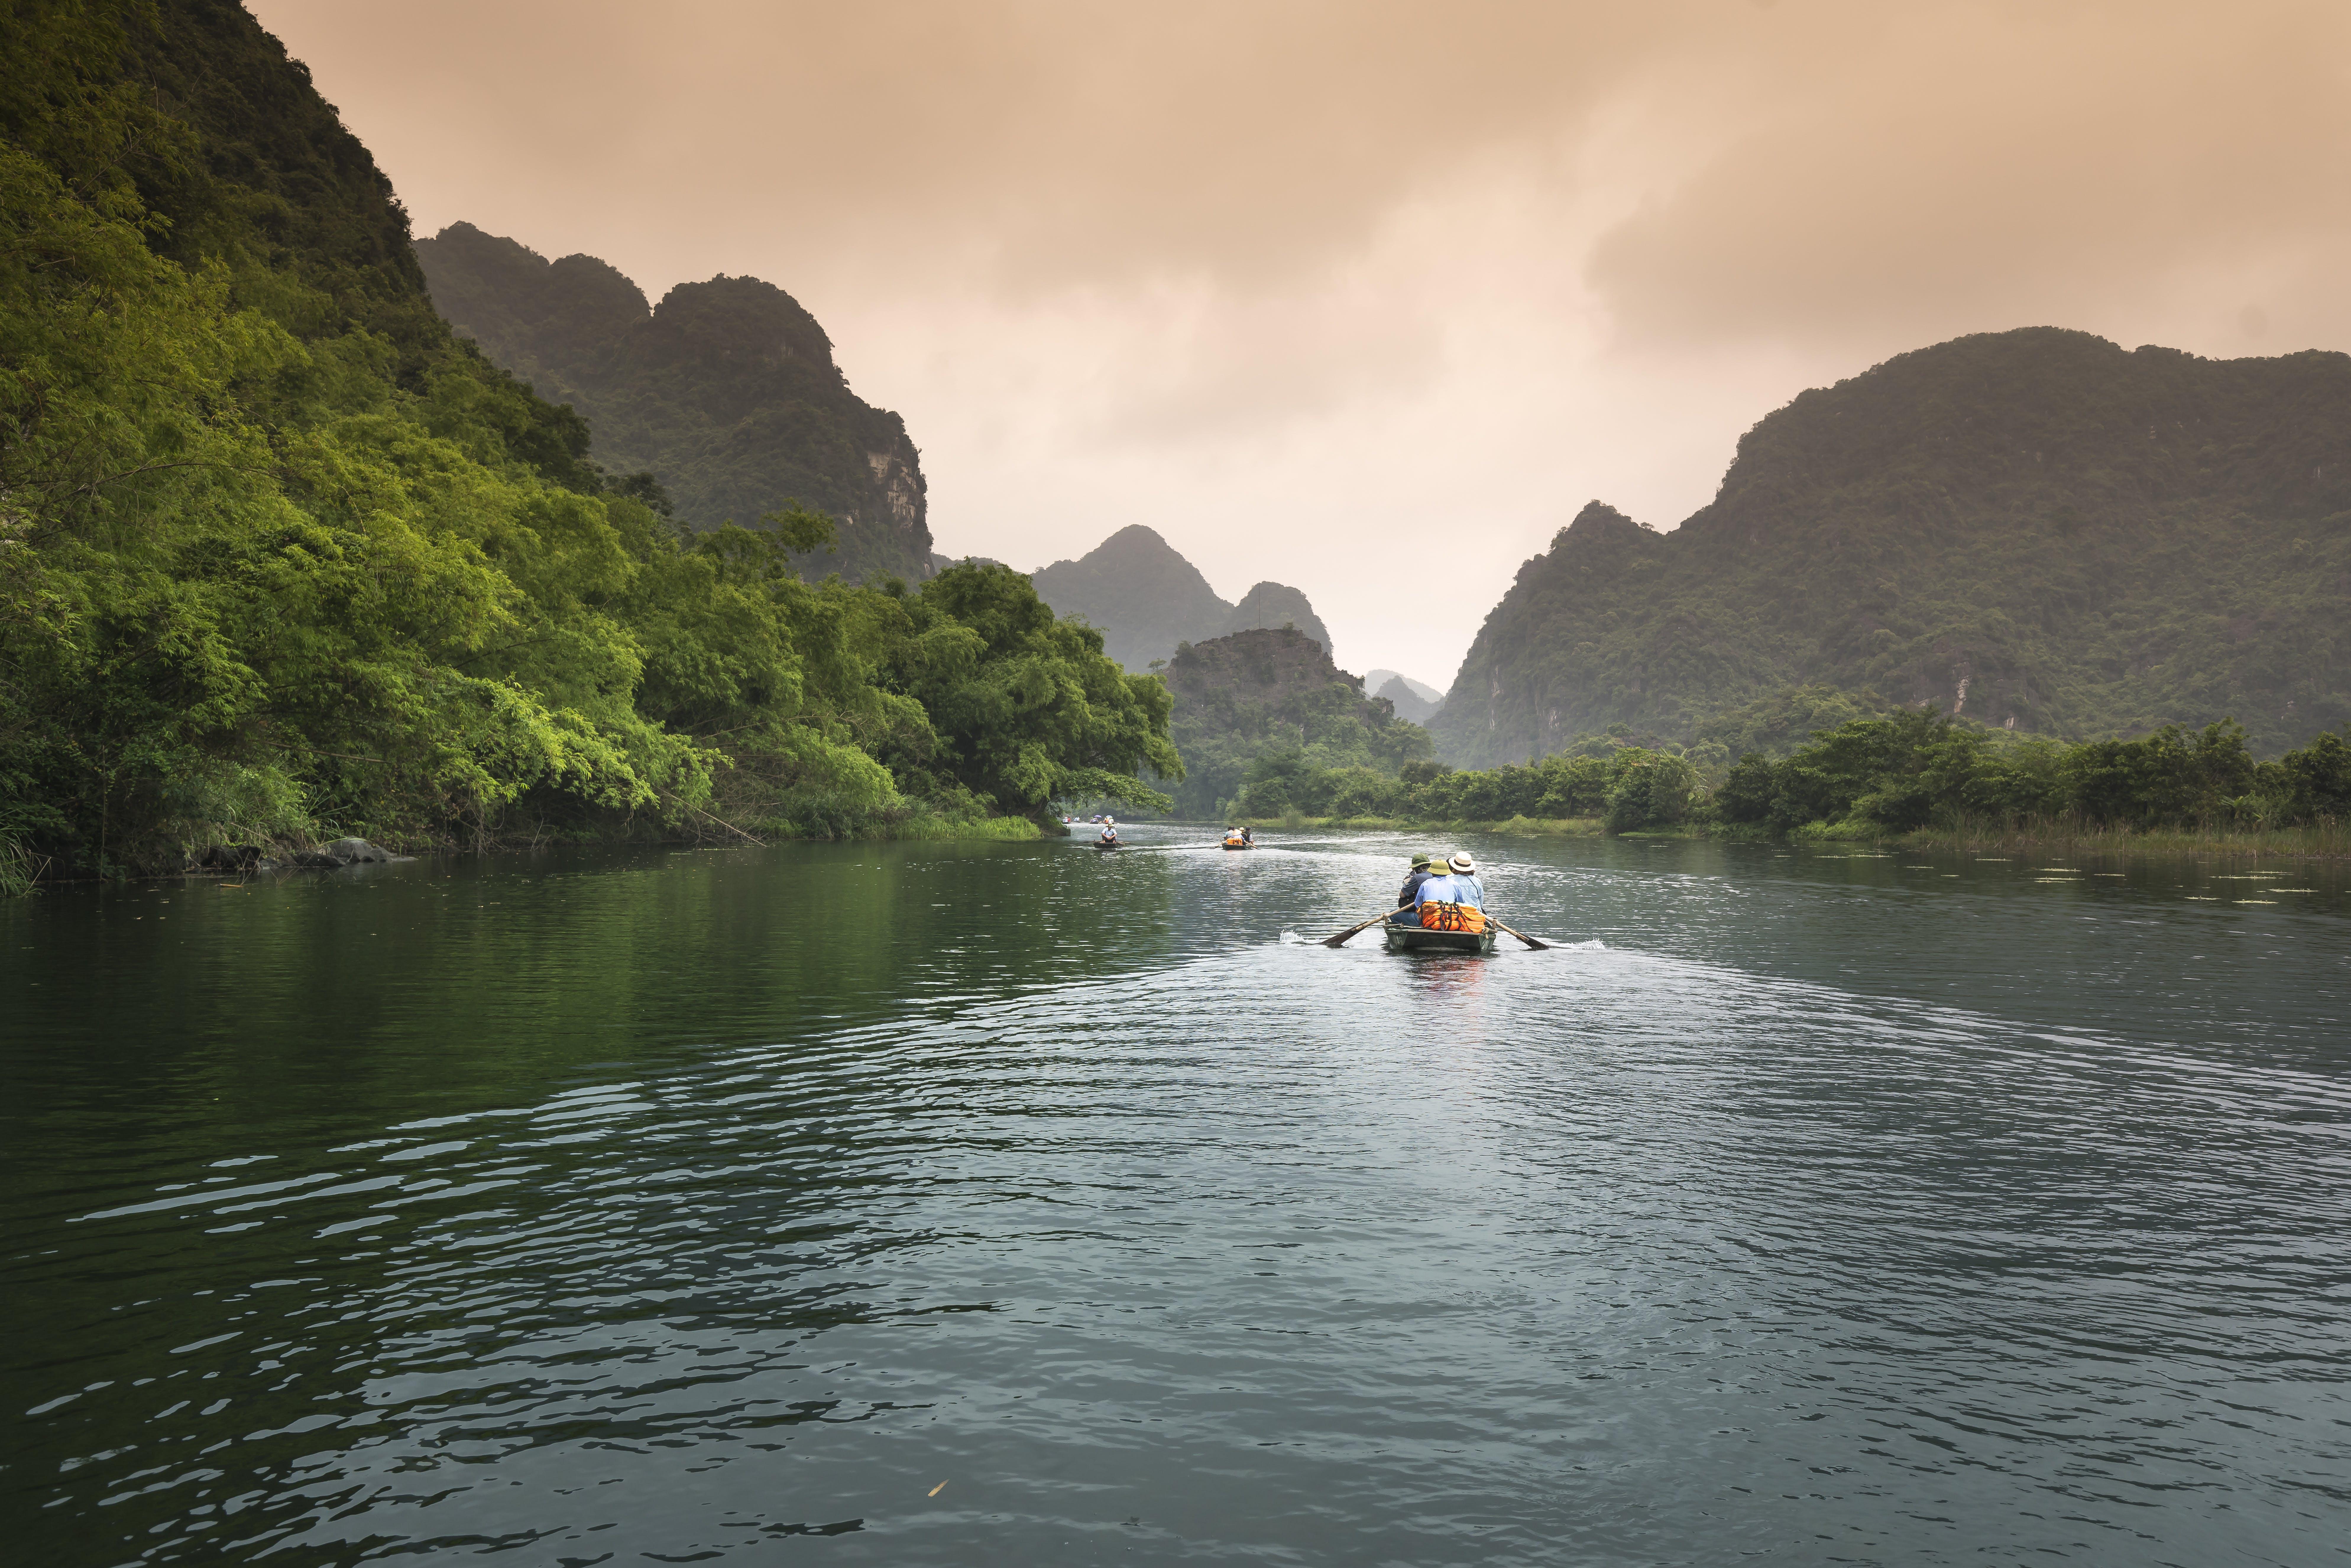 Gratis lagerfoto af båd, bådfører, bjerg, dagslys